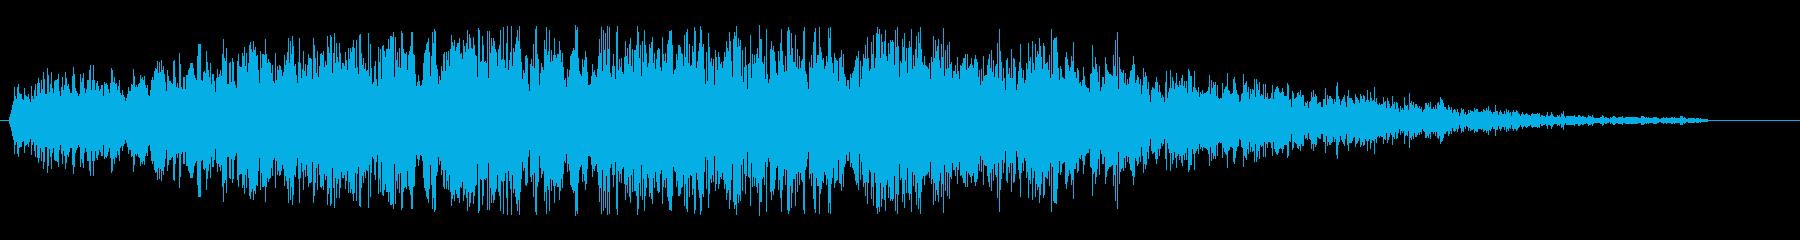 ヒューン(飛行物体の通過音)の再生済みの波形